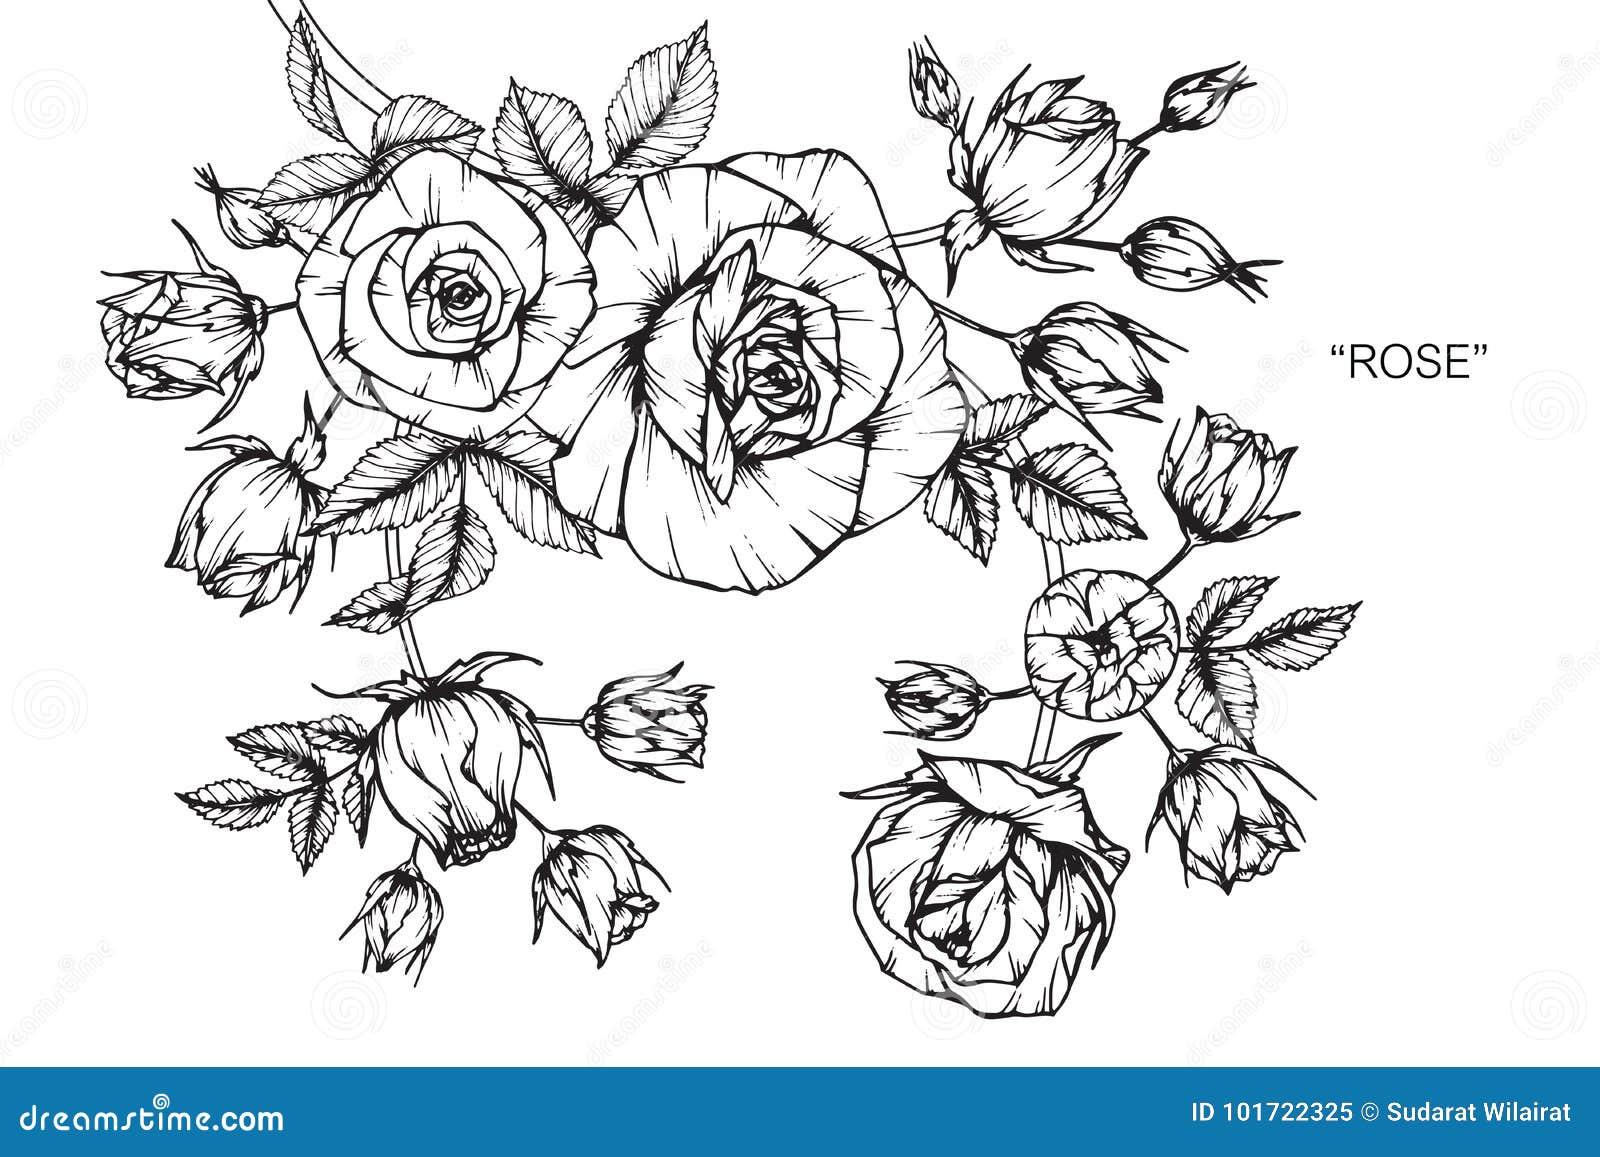 Dessin et croquis de fleur de rose illustration stock illustration du roses monochrome 101722325 - Fleur rose dessin ...